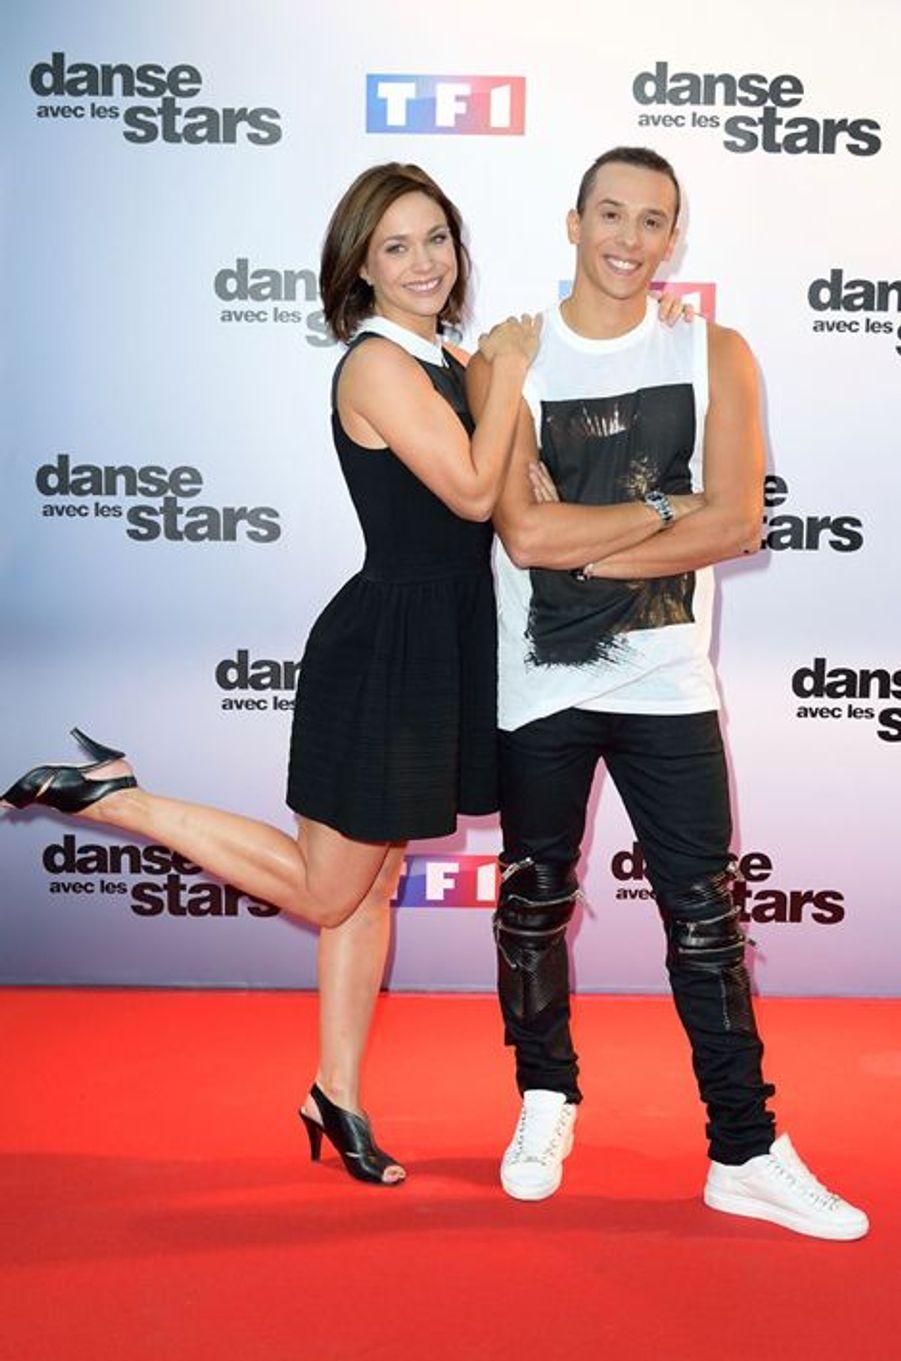 Danse avec les stars 5 : la patineuse Nathalie Péchalat et le danseur Grégoire Lyonnet.